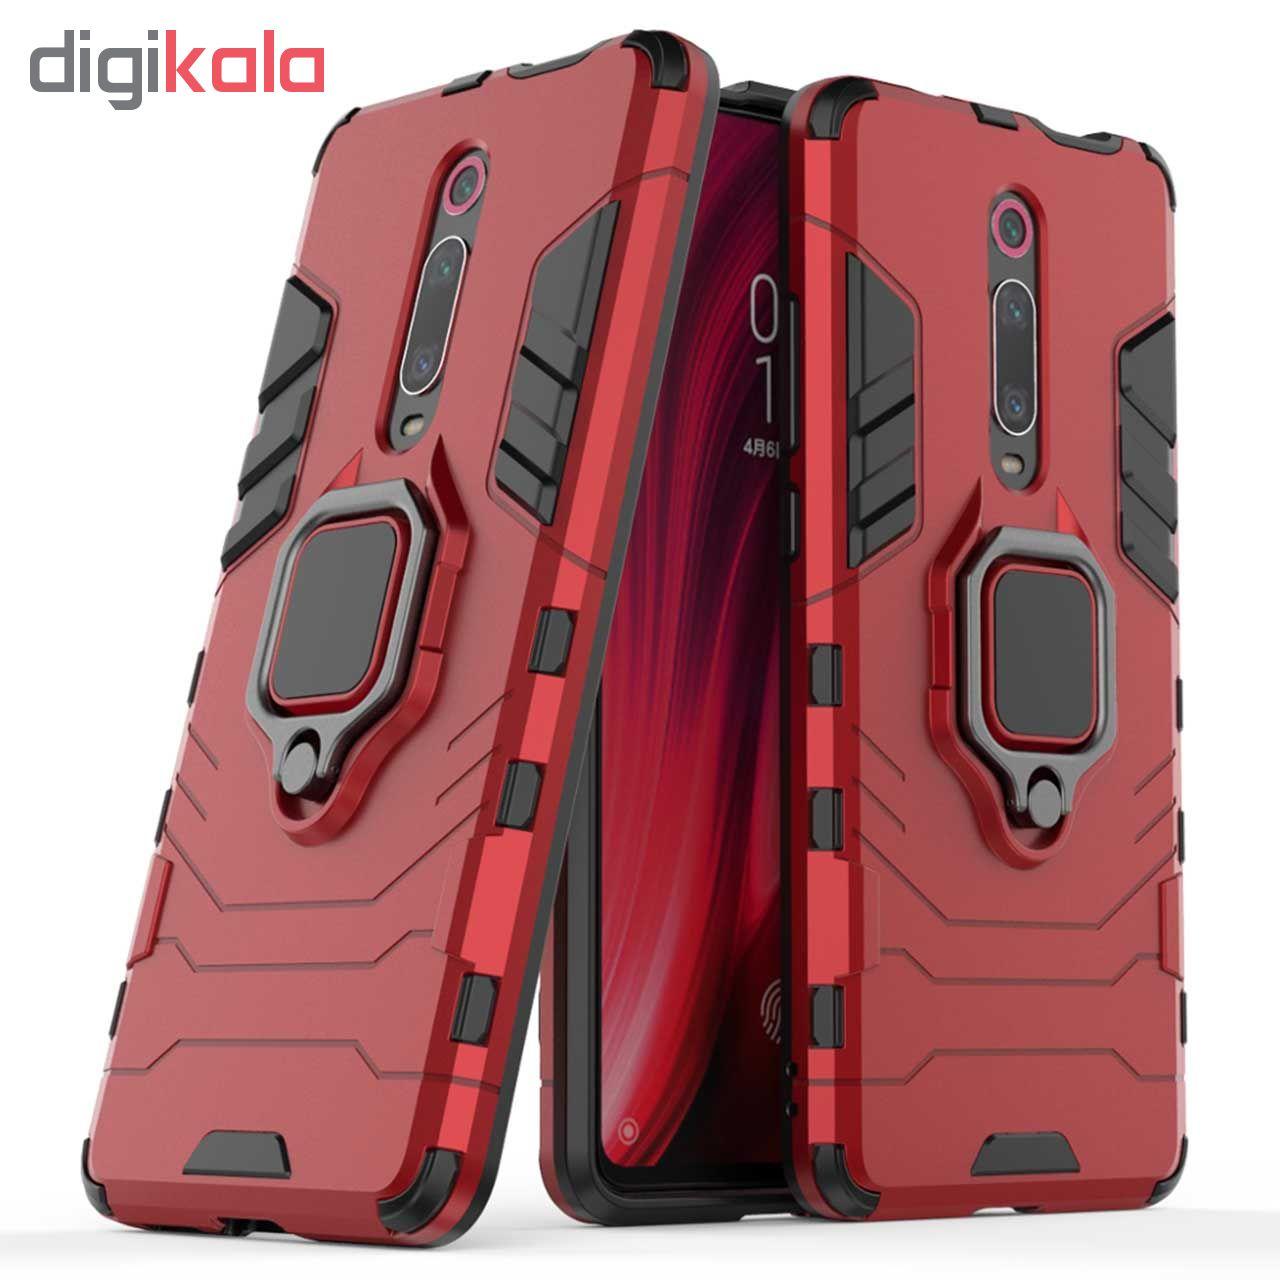 کاور مدل DEF02 مناسب برای گوشی موبایل شیائومی Redmi K20 / Redmi K20 Pro / Mi 9t / Mi 9t pro